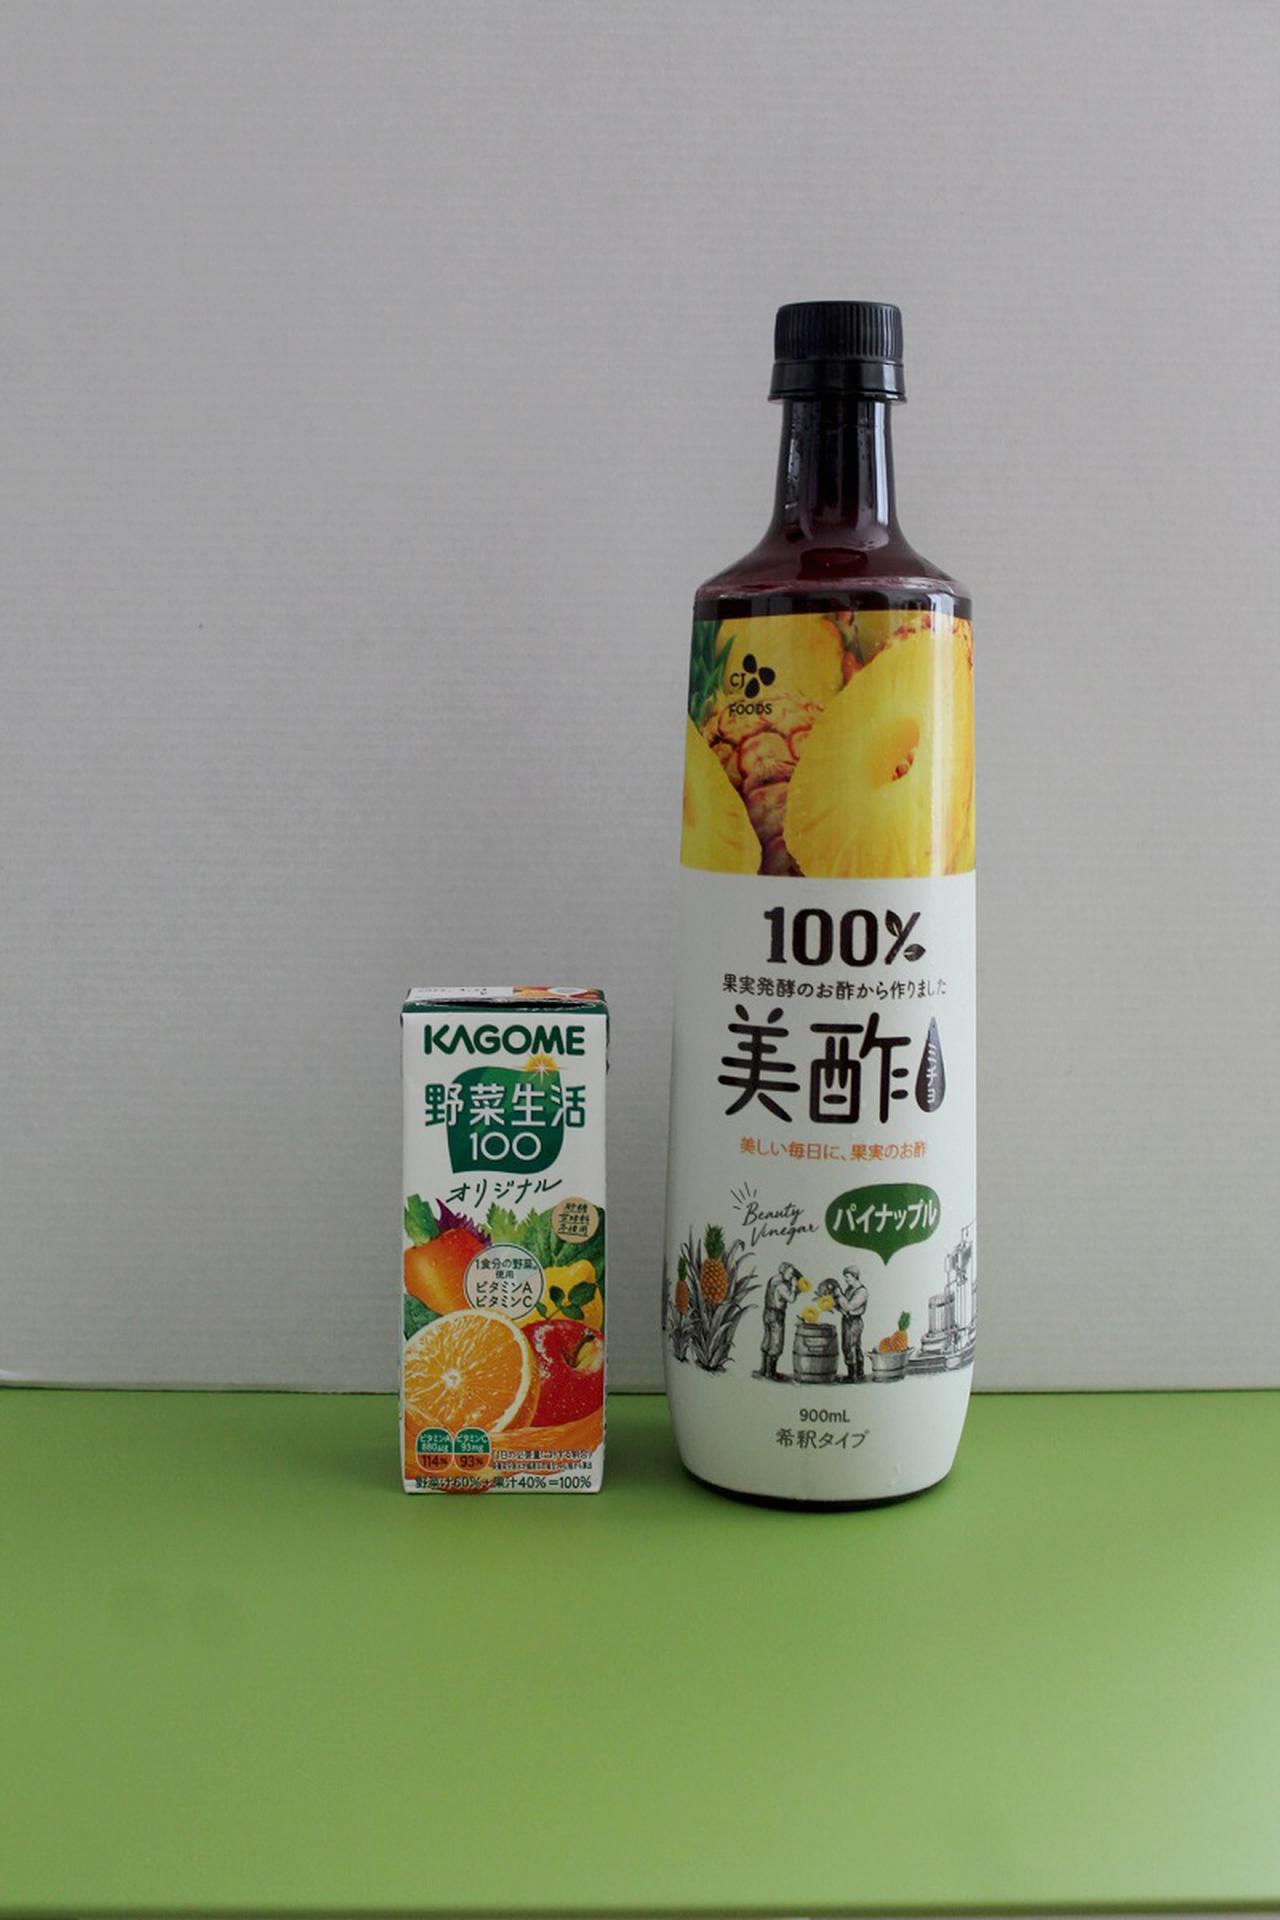 画像2: 2.《美酢パイナップル×野菜ジュース》美酢べジジュース